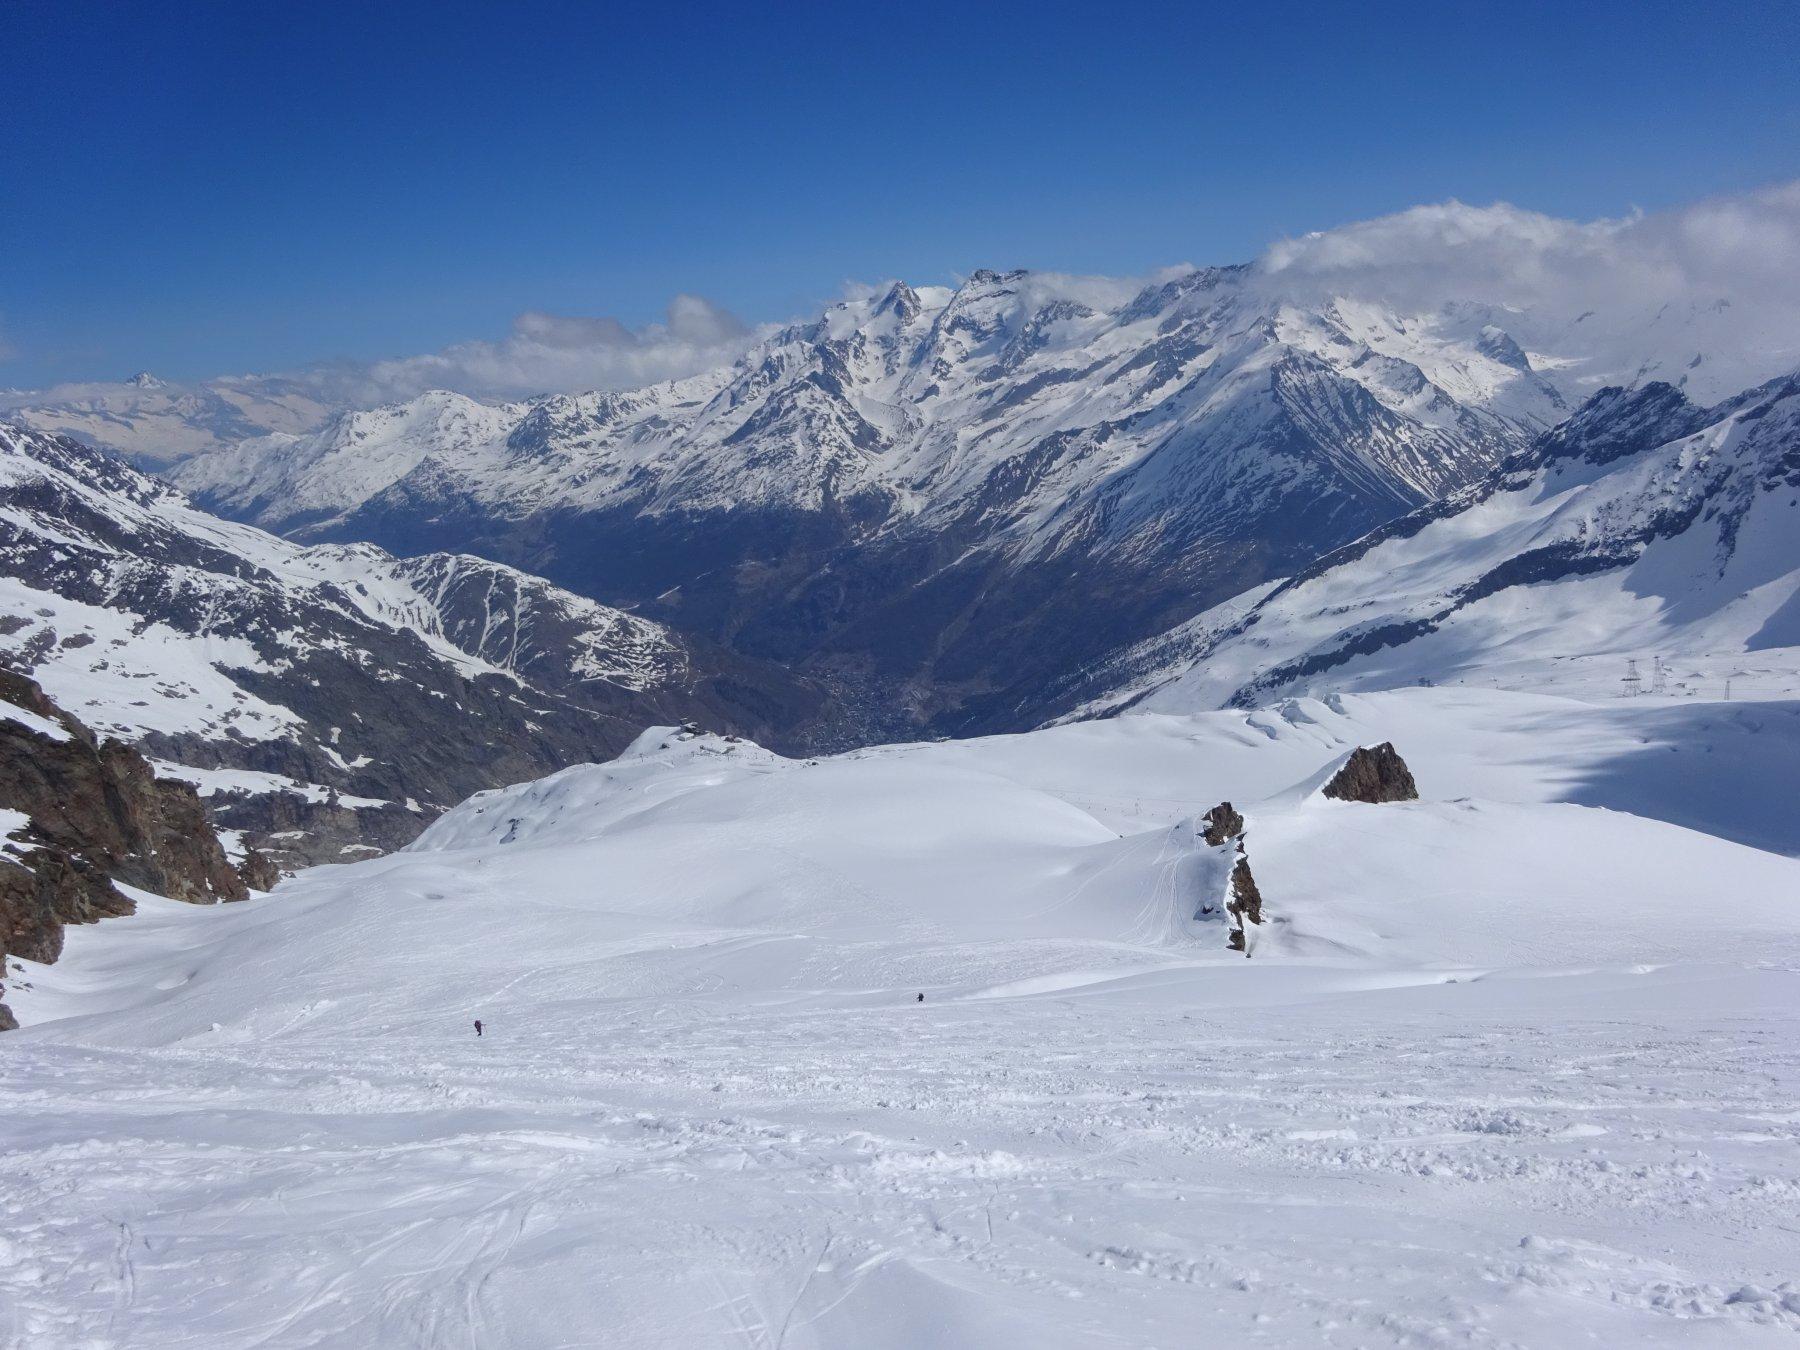 prima parte di salita percorsa dopo aver lasciato le piste da sci